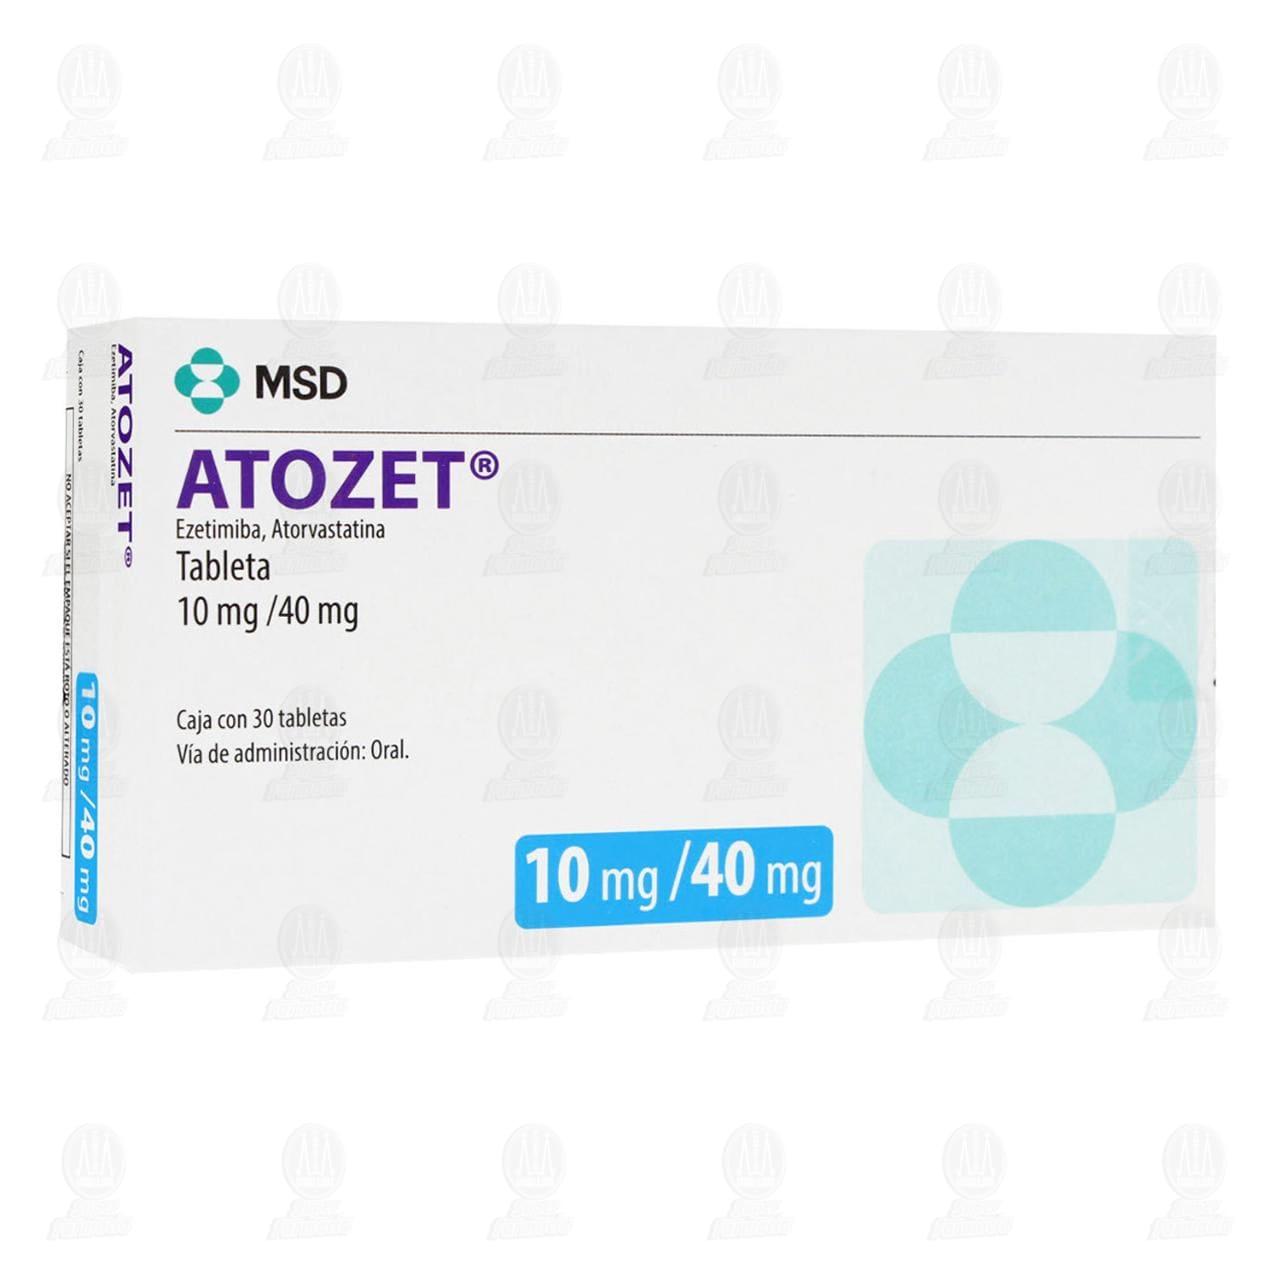 Atozet 10mg/40mg 30 Tabletas